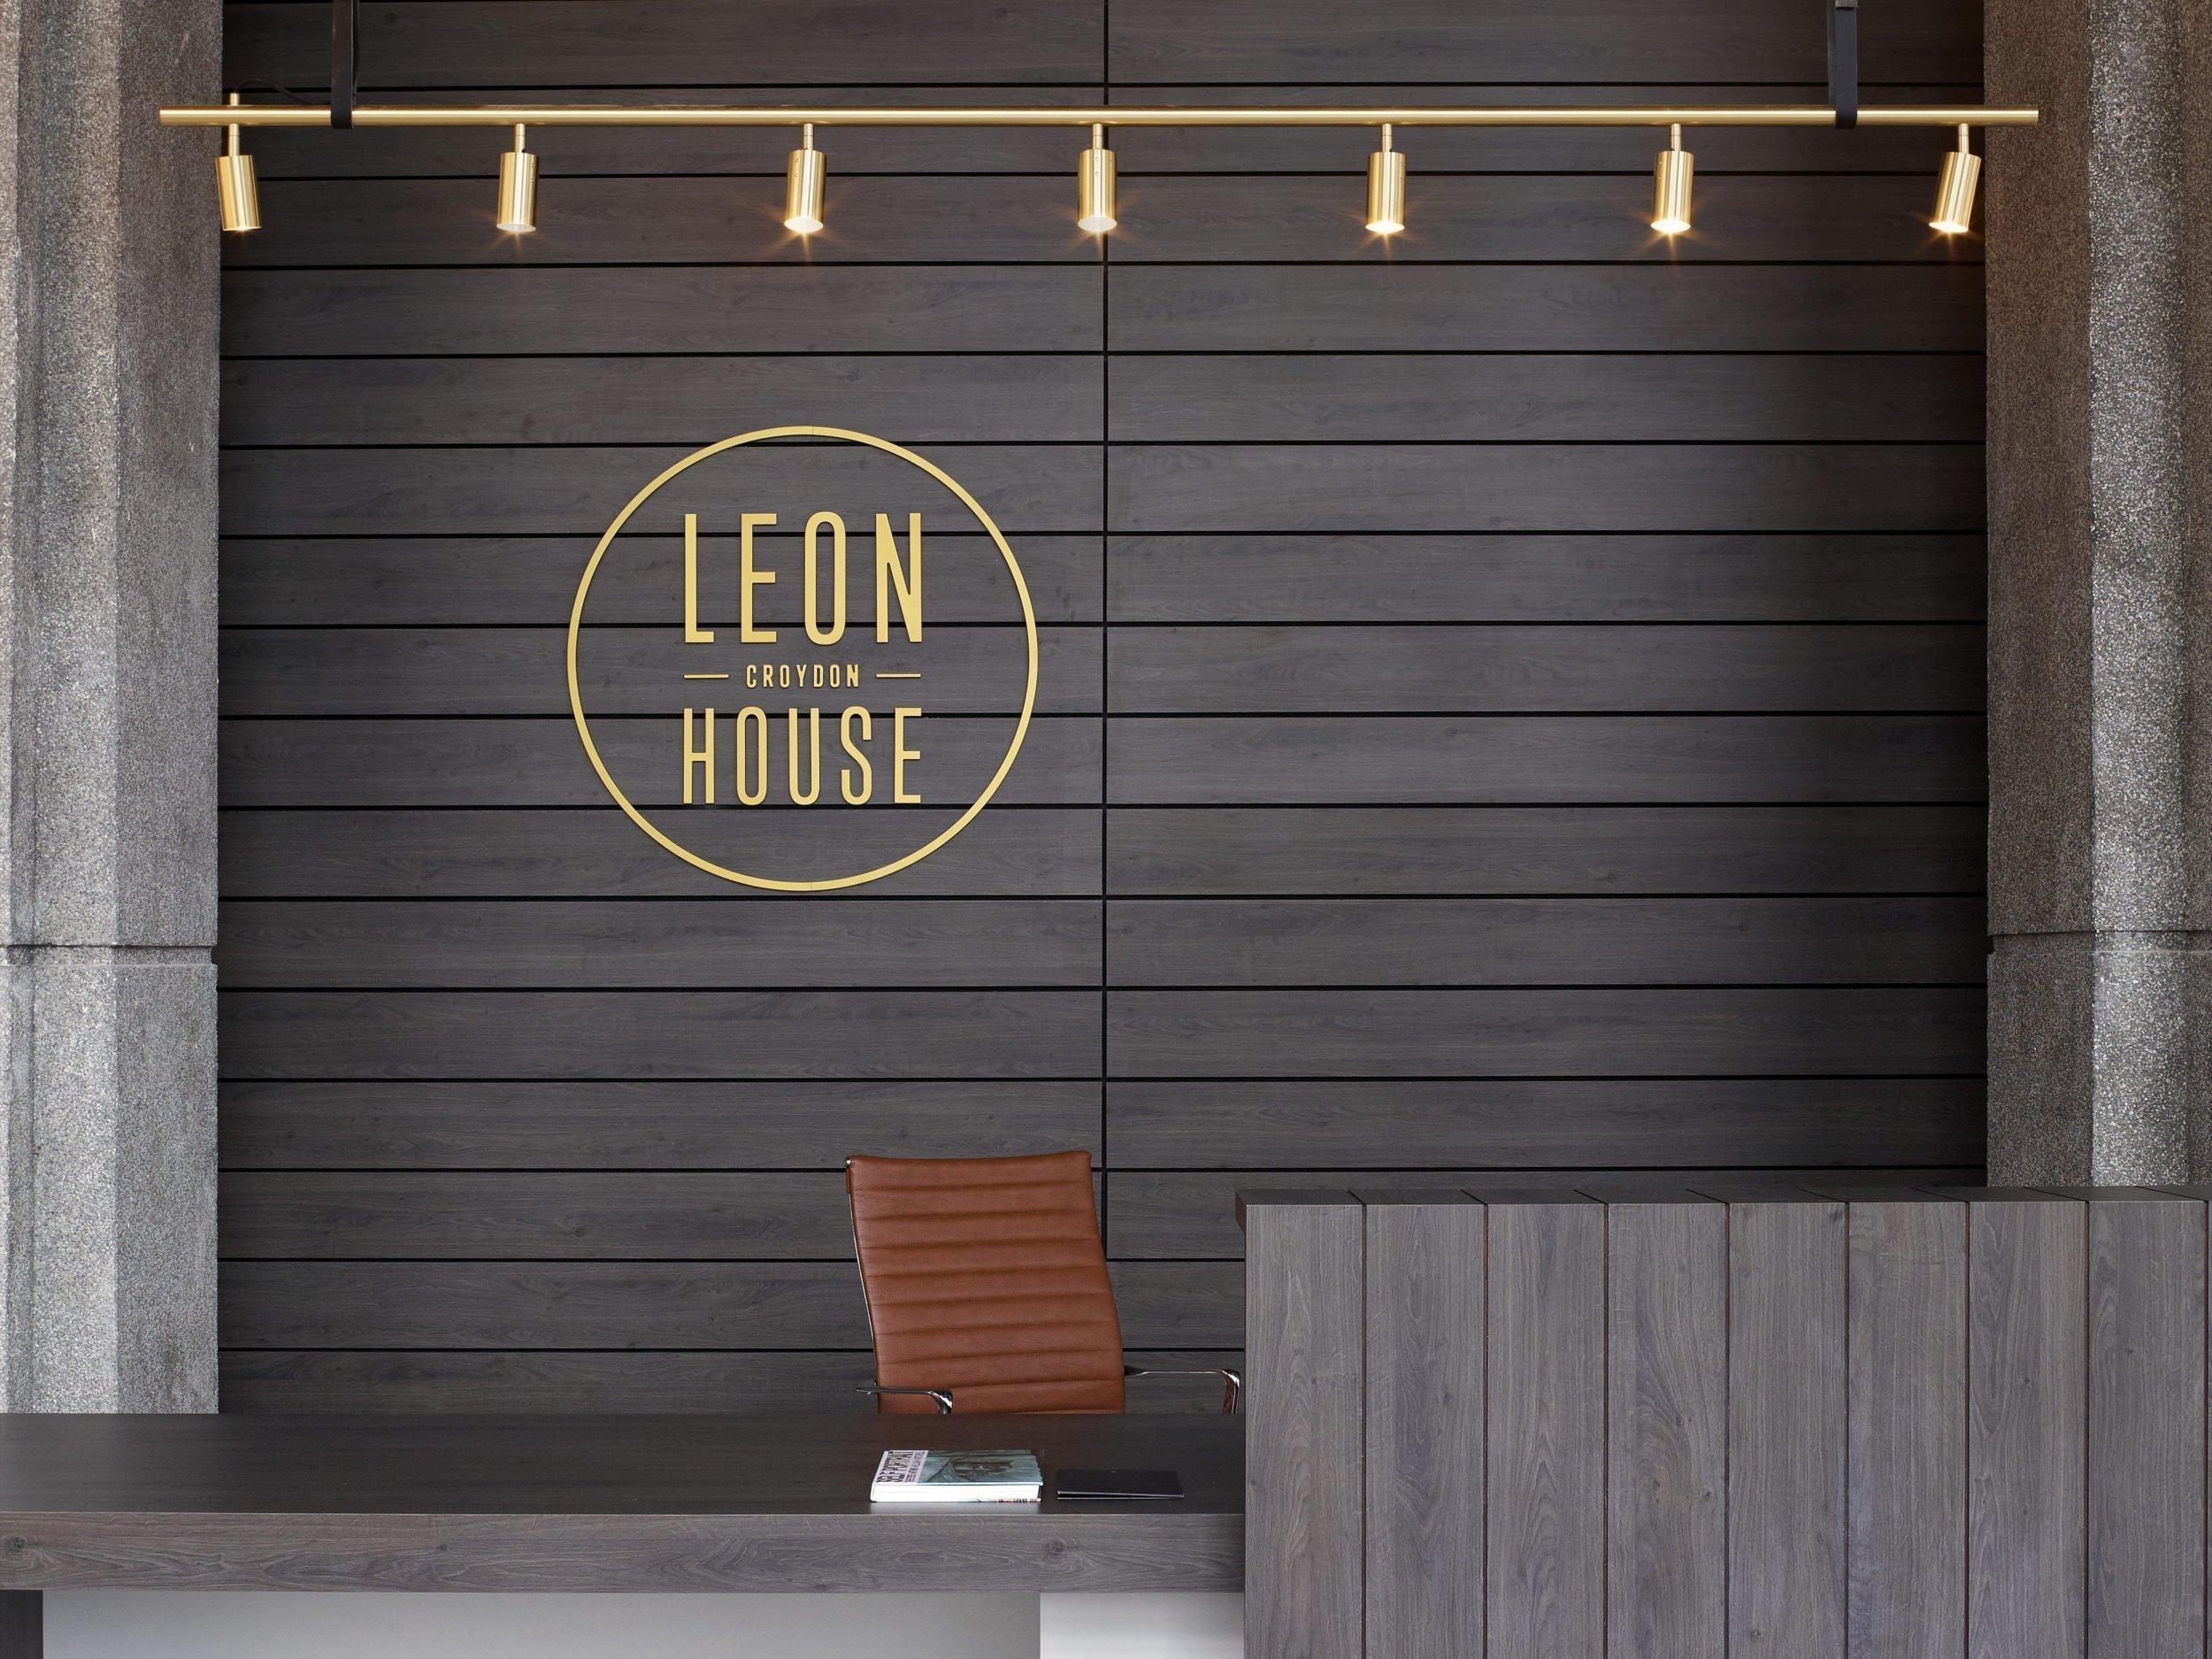 Leon house croydon